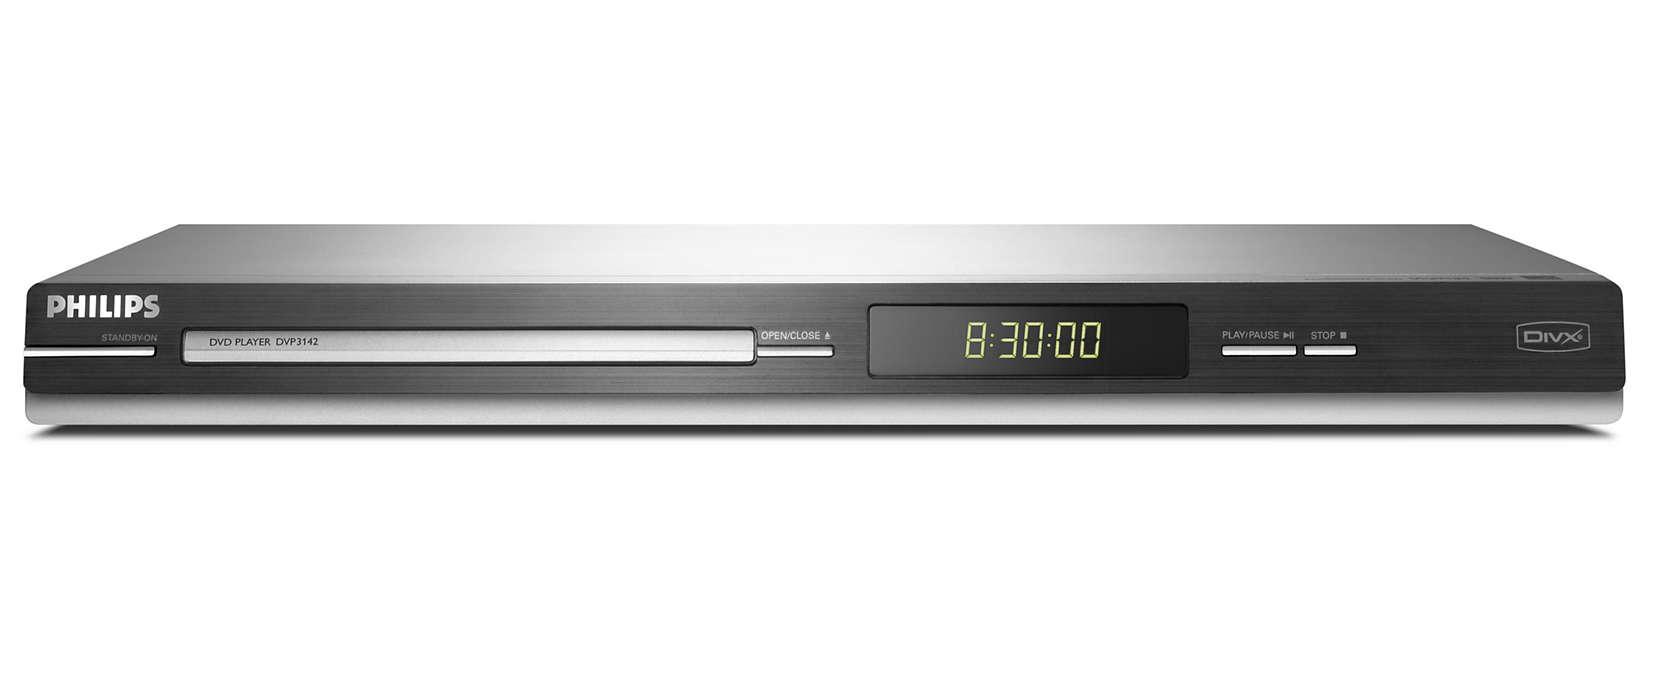 Számítógépen lévő filmek megtekintése a TV-készüléken